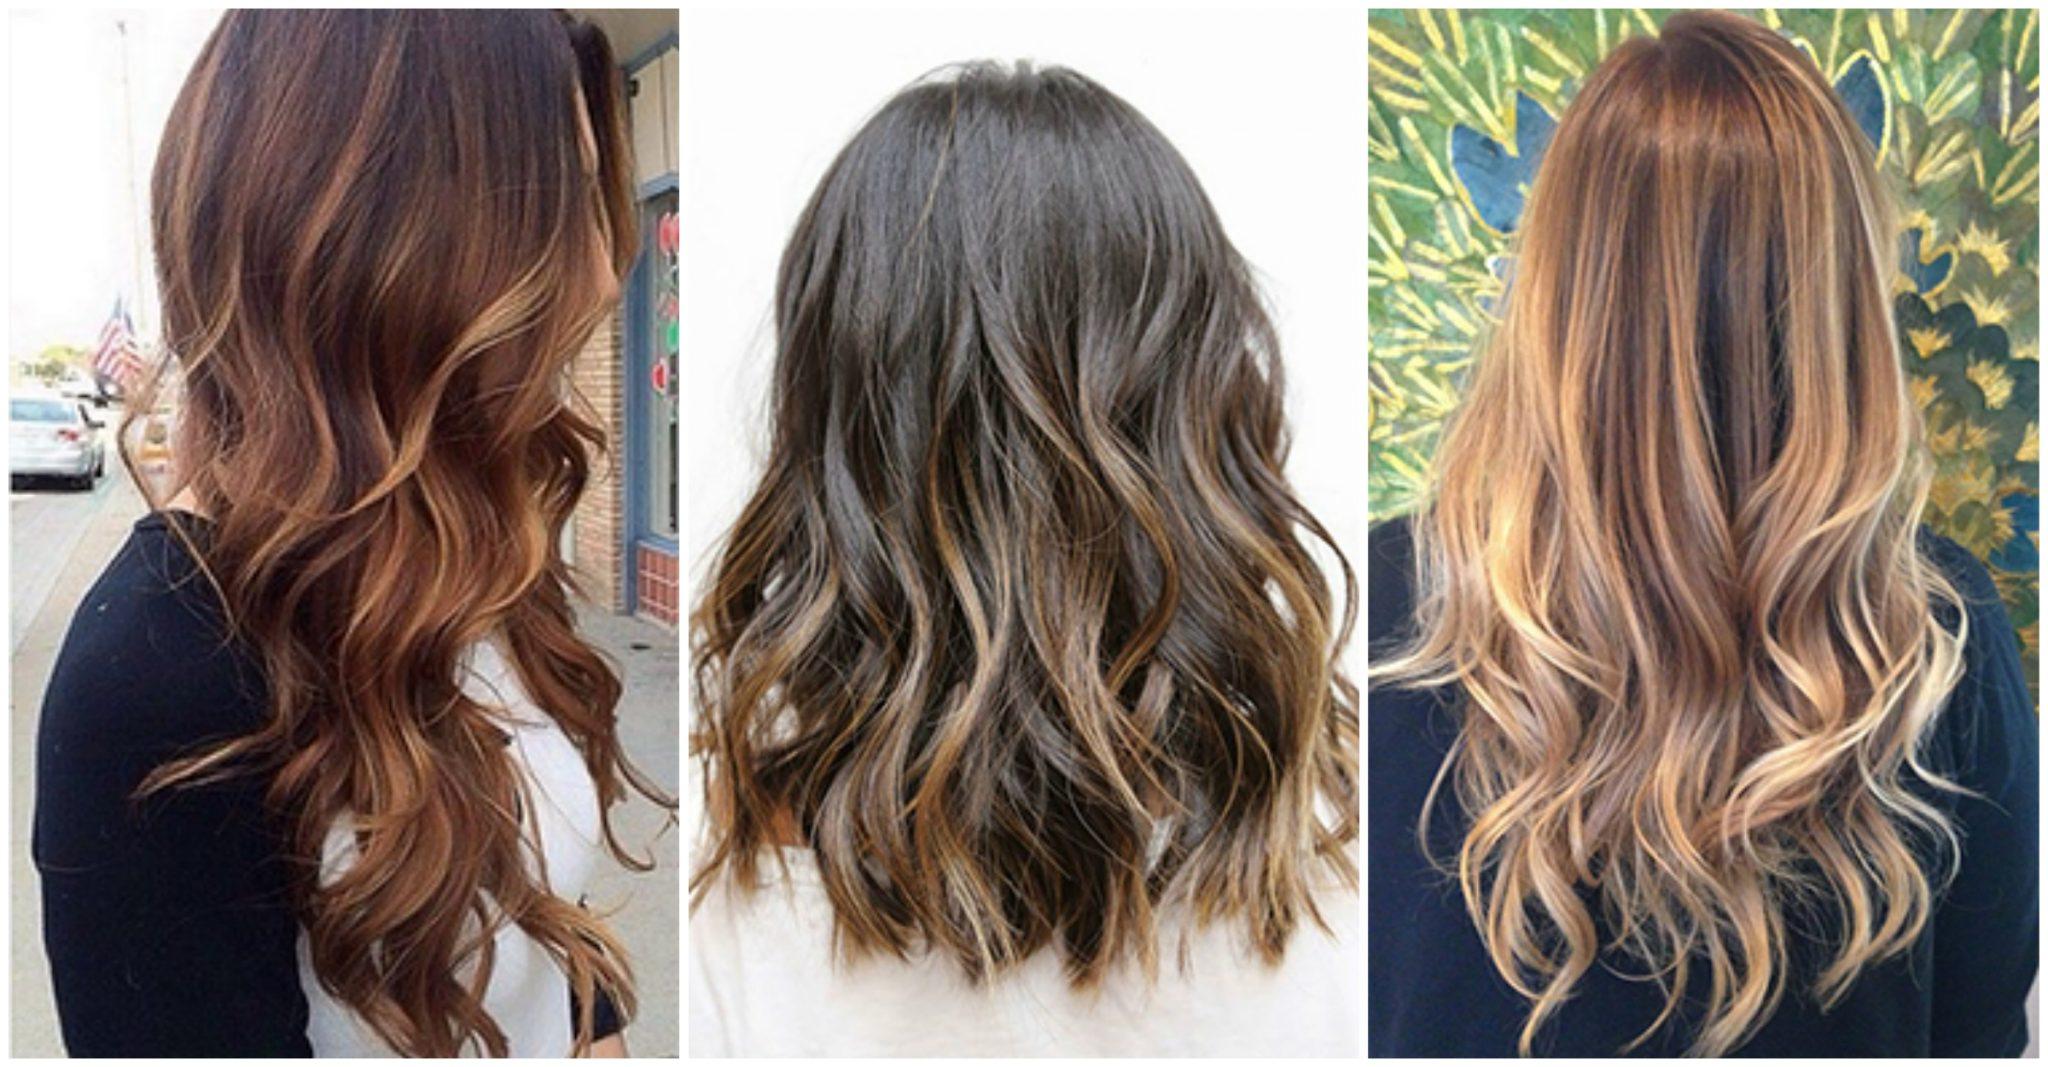 Babylights Hair Trend - Seis hábitos que fazem mal para os cabelos